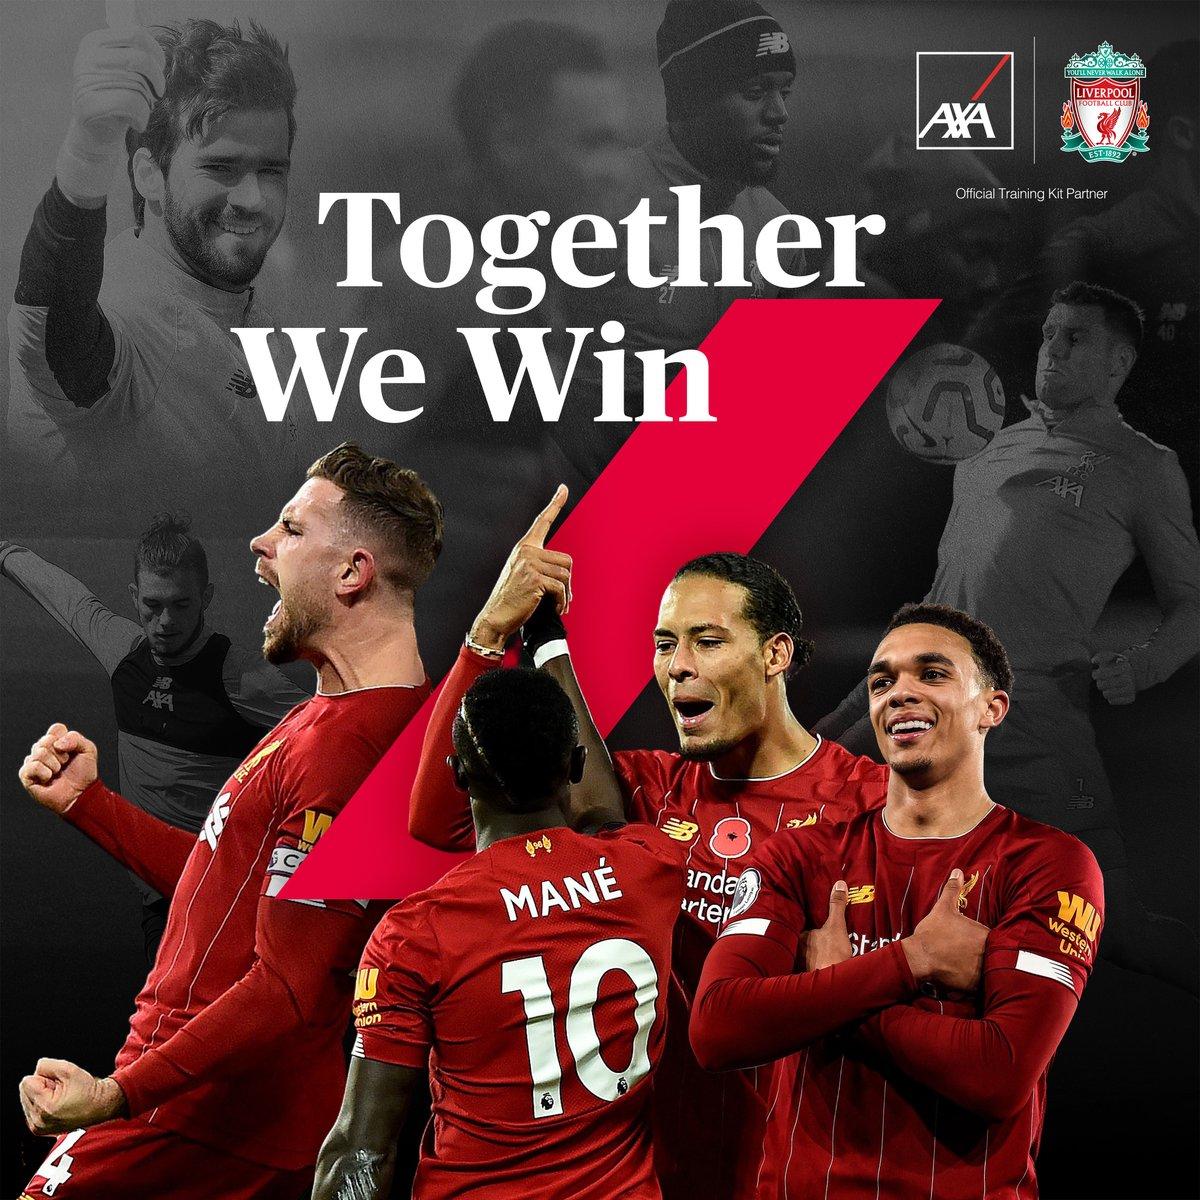 Premier Lig Şampiyonu 🏆 Bütün yıl bu başarı için birlikte çalıştık. Liverpool'u var eden milyonlarca taraftarı, oyuncuları, yönetimi ve kulübedeki herkesi tebrik ederiz. @LFC Birlikte olursak başarırız. #StaySafe #KnowYouCan #AXA #OfficialTrainingKitPartner #LFC https://t.co/sFSnP3Sef2